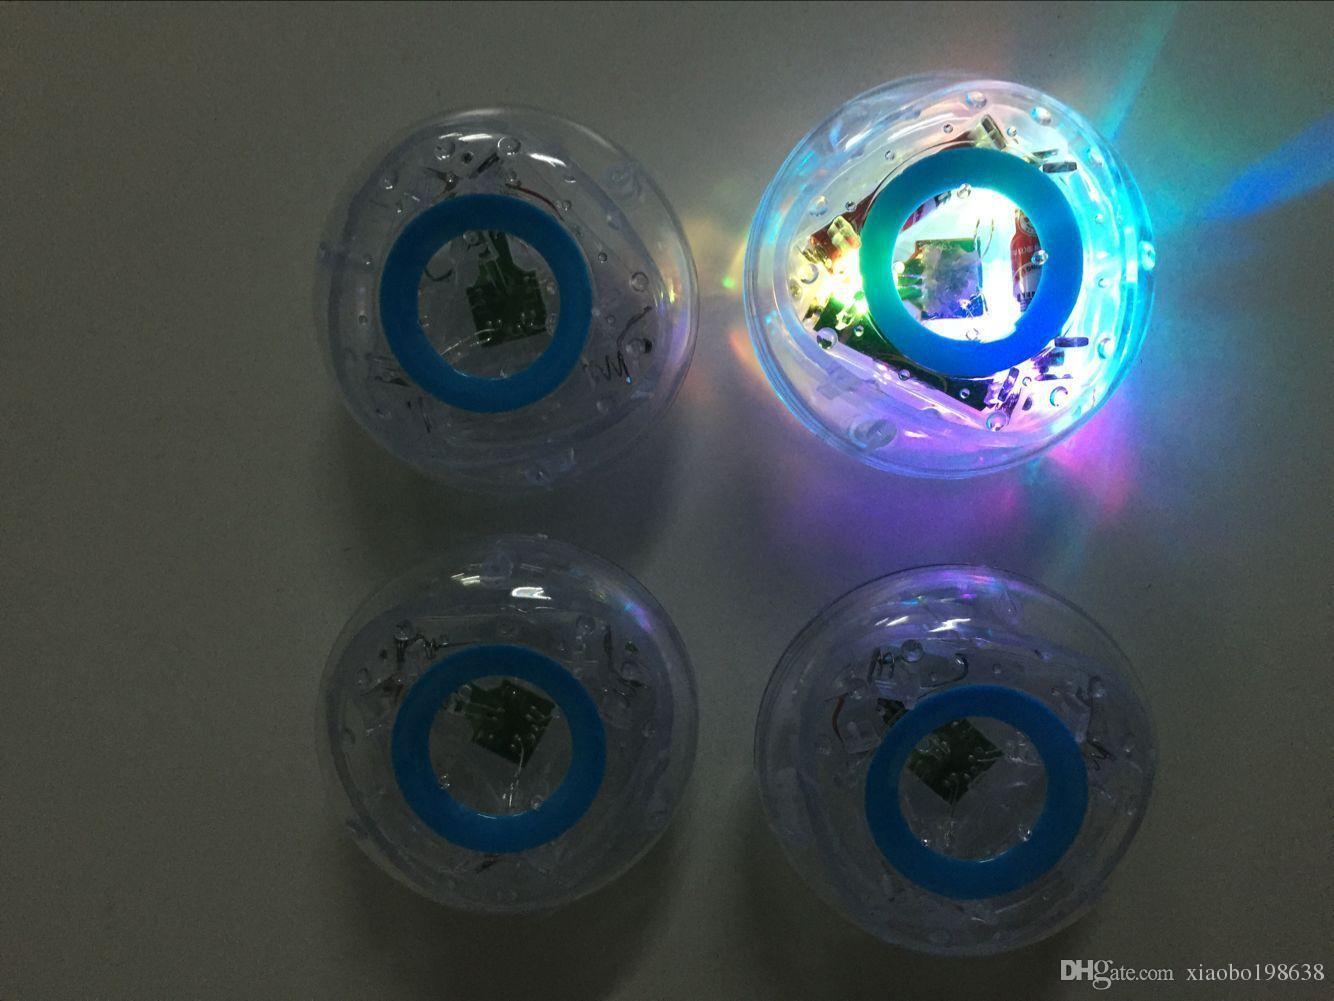 목욕 빛이 욕조 장난감 목욕 물 LED 조명 키즈 방수 아이들이 재미 시간에 빛 장난감 파티를 주도